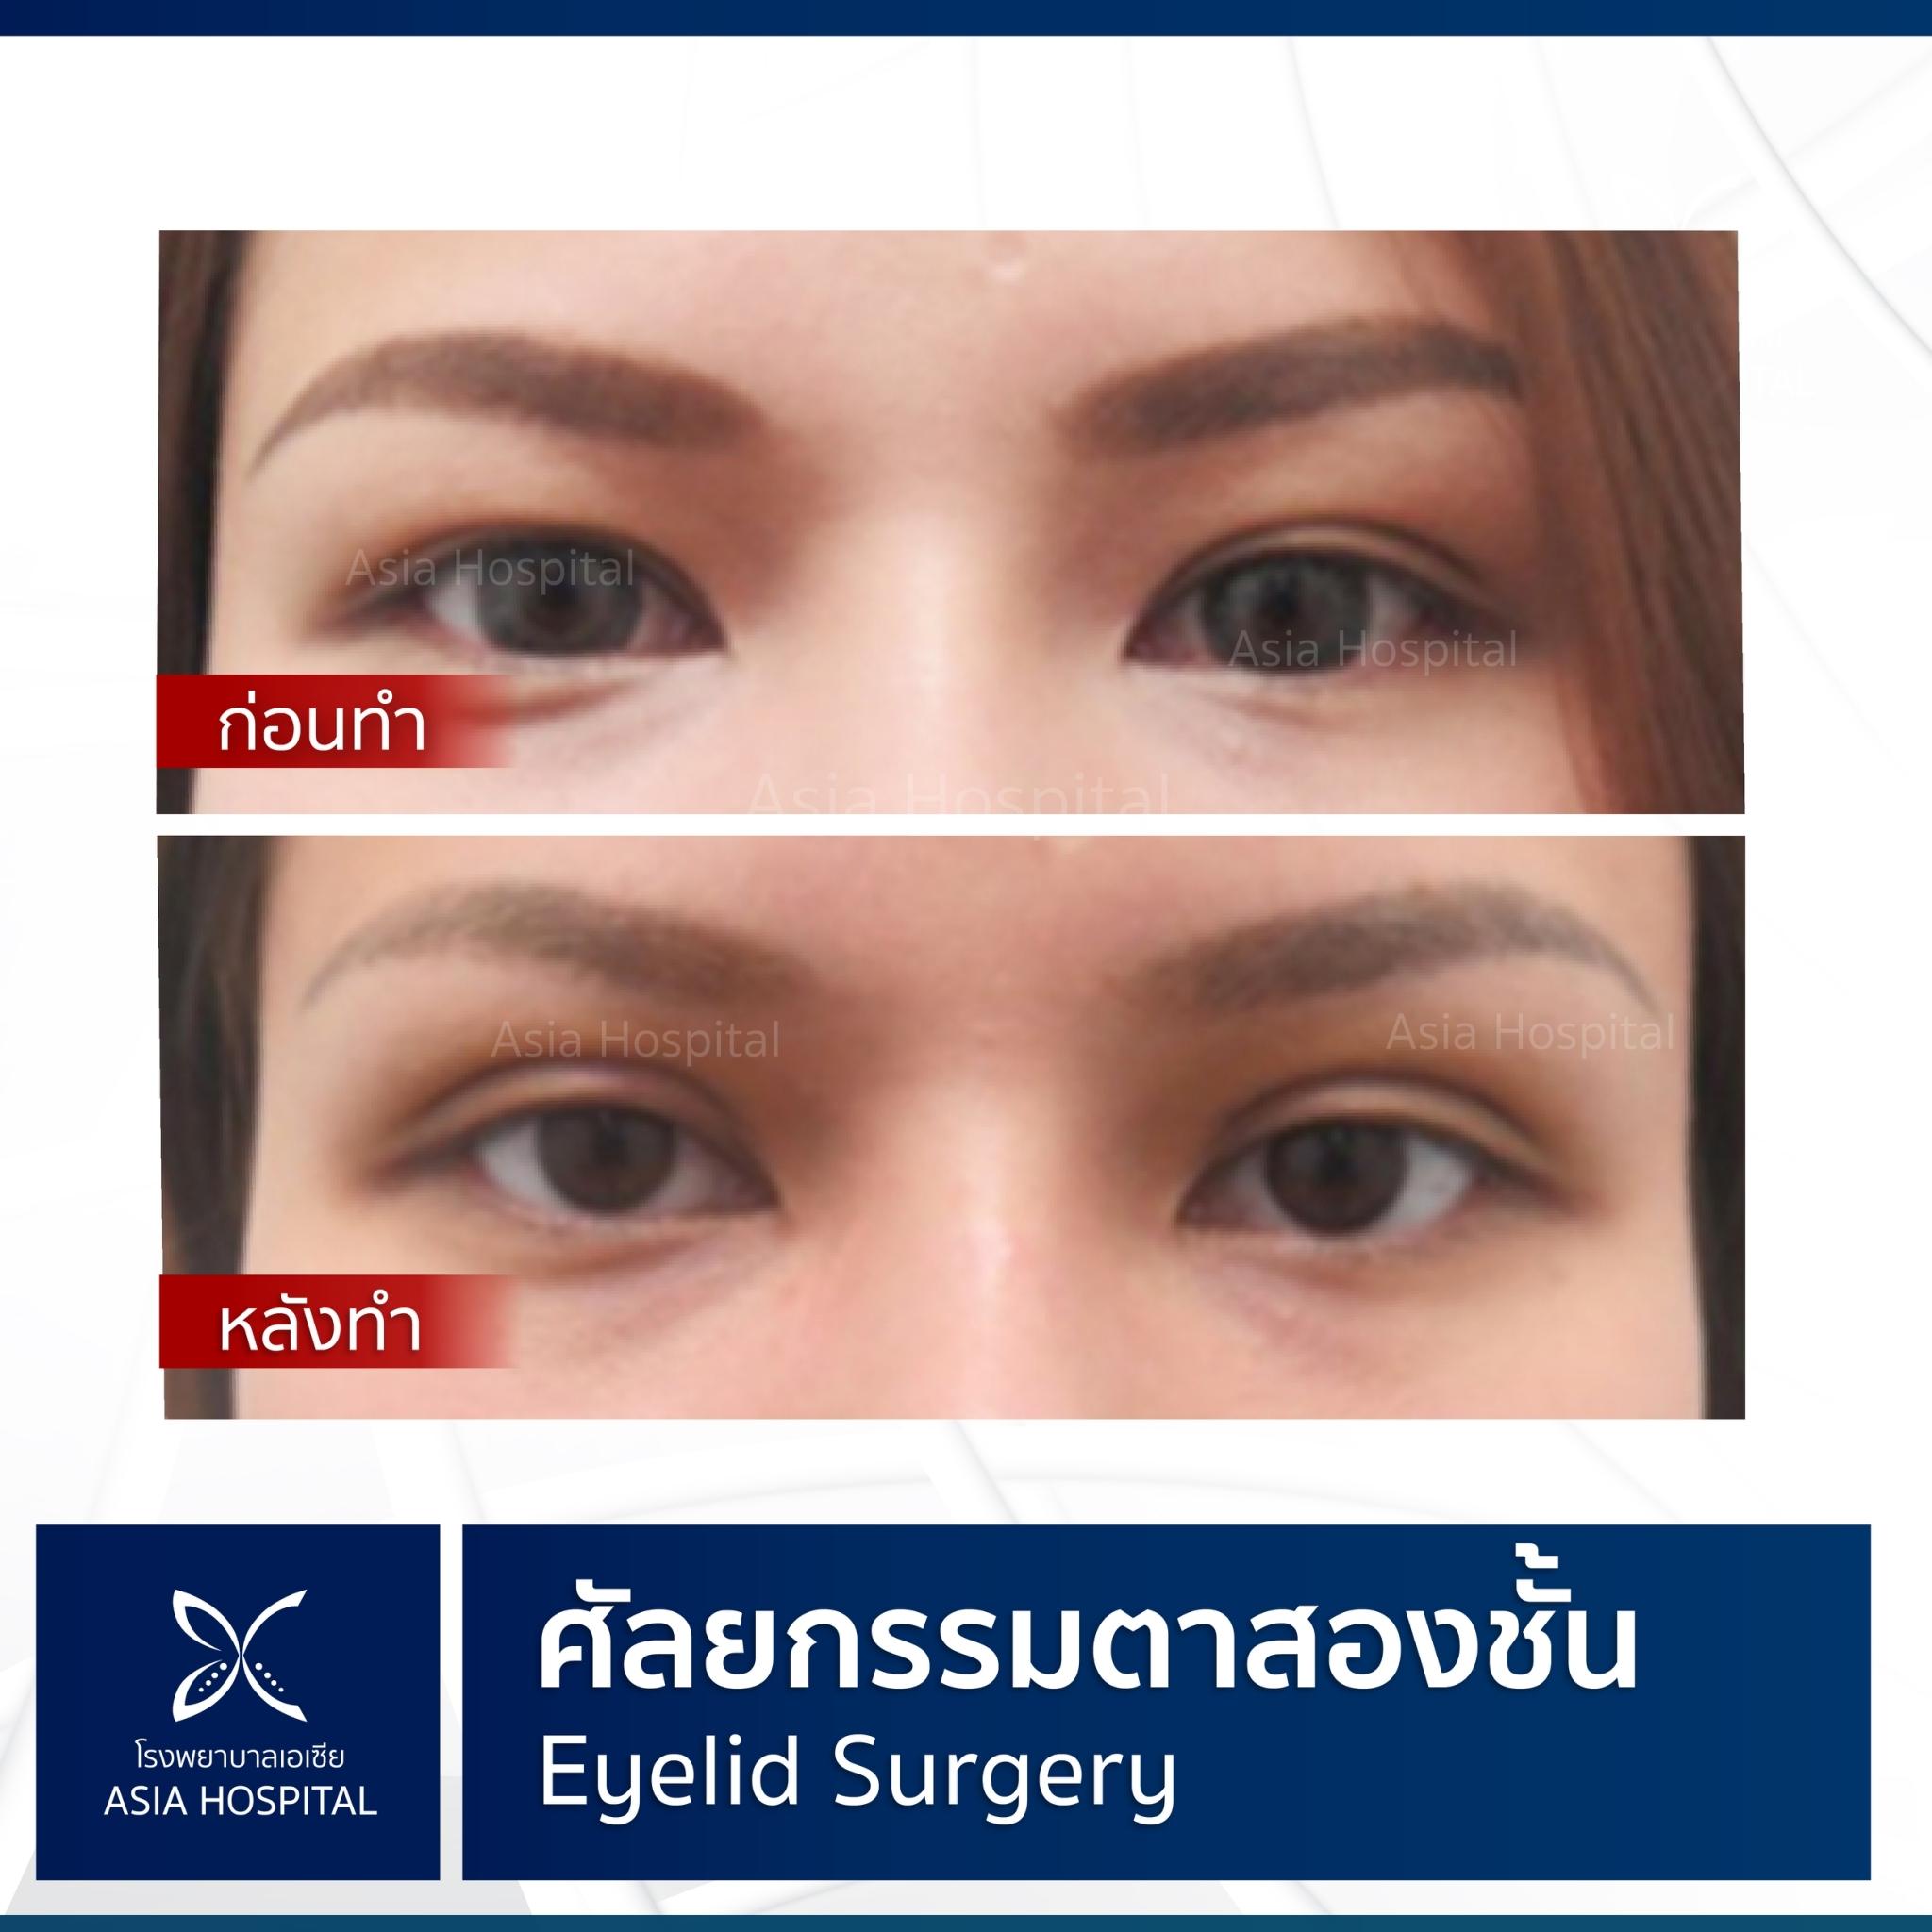 รีวิว ศัลยกรรม ตาสองชั้น